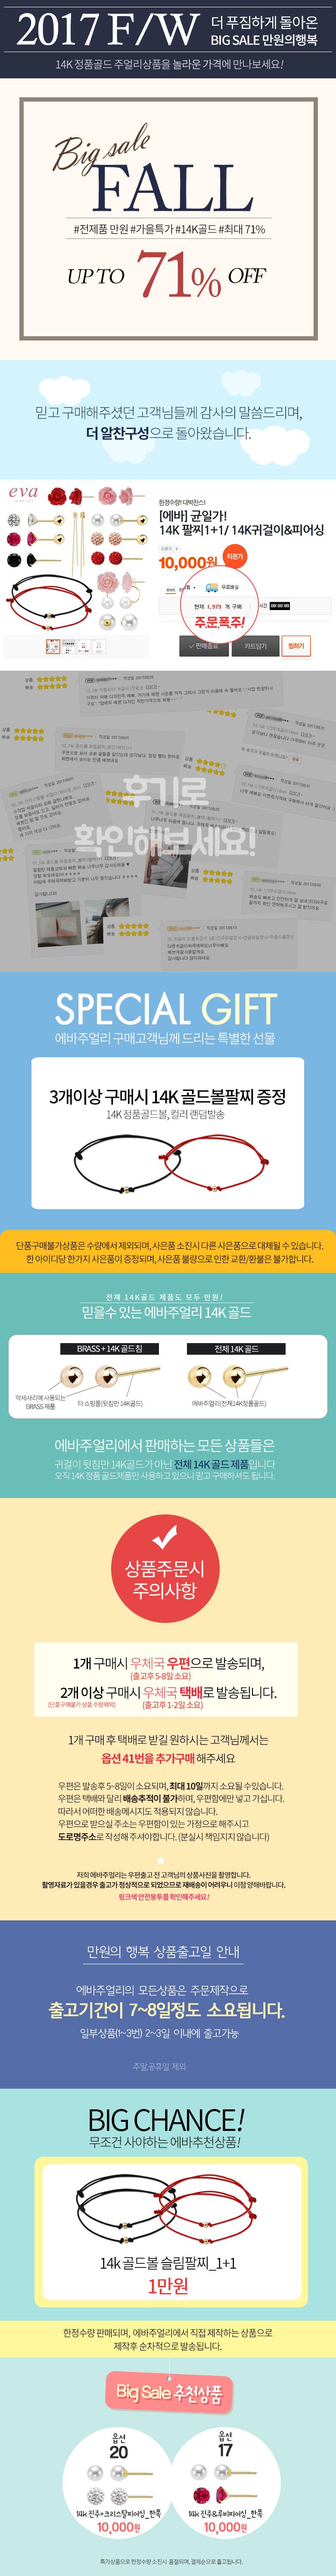 [잡화]     [티몬] 만원의 행복 귀걸이 14K 귀걸이 팔찌 (10,000/무료)